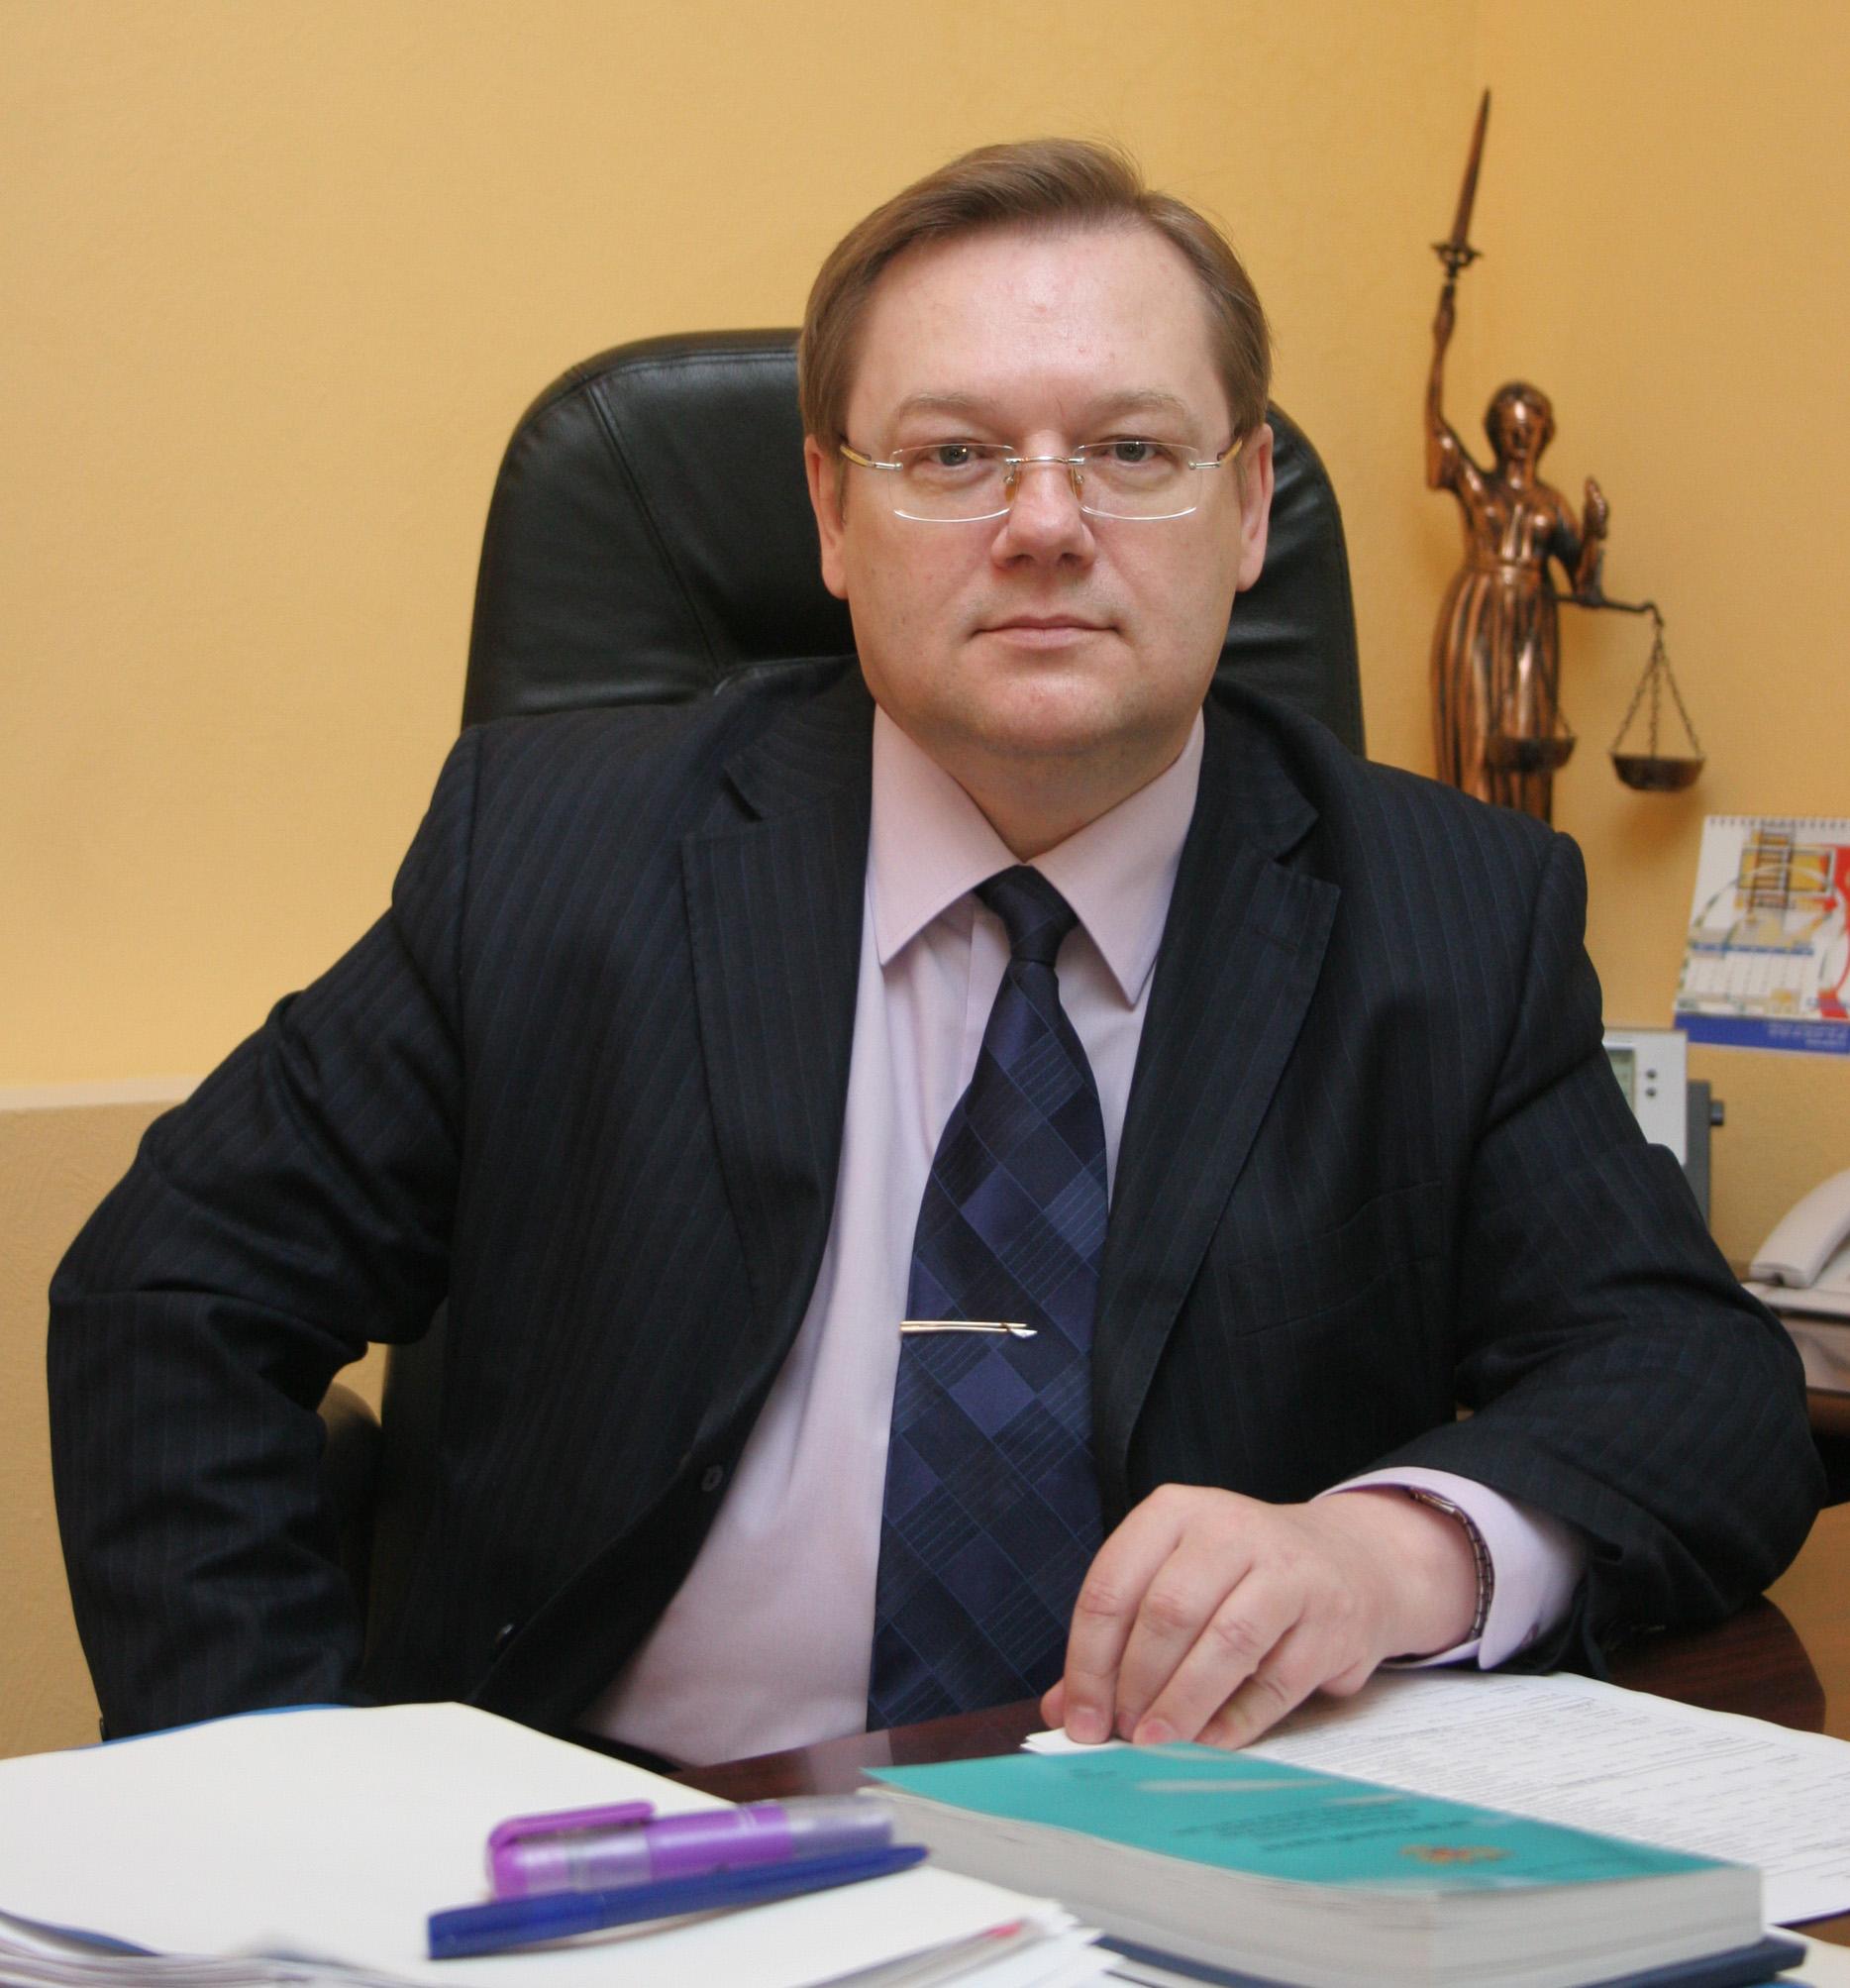 Кандидатура Виктора Игнатенко предложена надолжность уполномоченного поправам человека вПриангарье